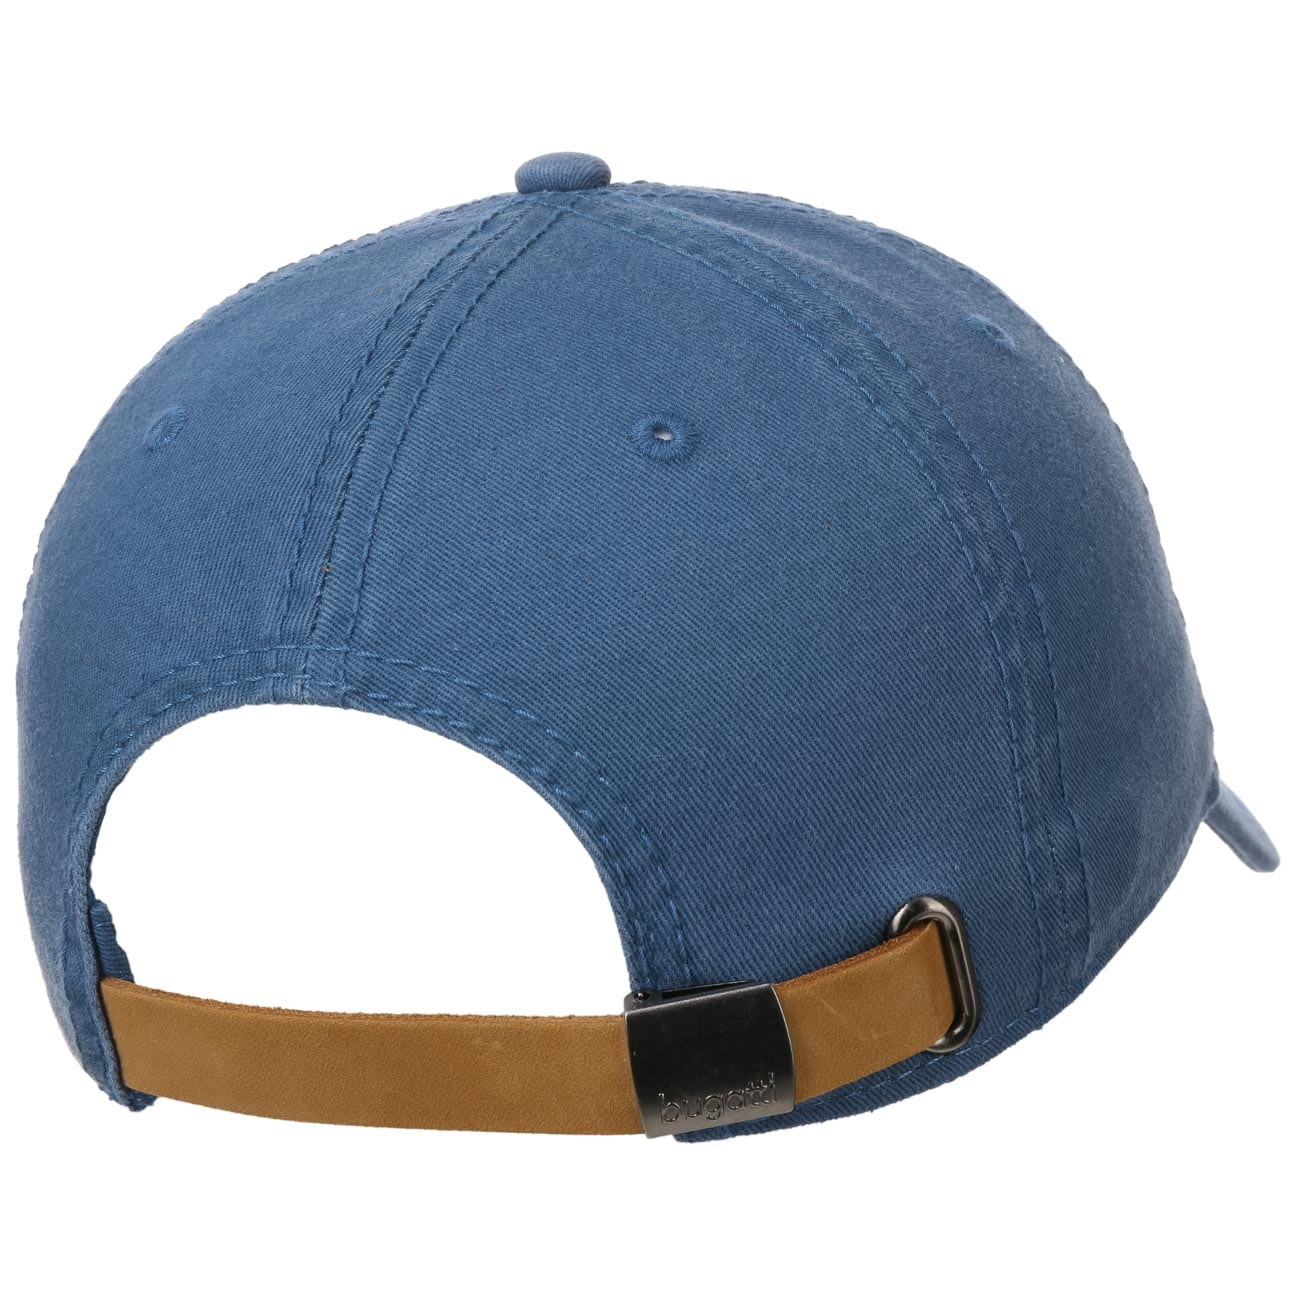 c6d3edfd Uni Classic Cotton Basecap by bugatti, EUR 19,95 --> HUT.de - Hüte ...